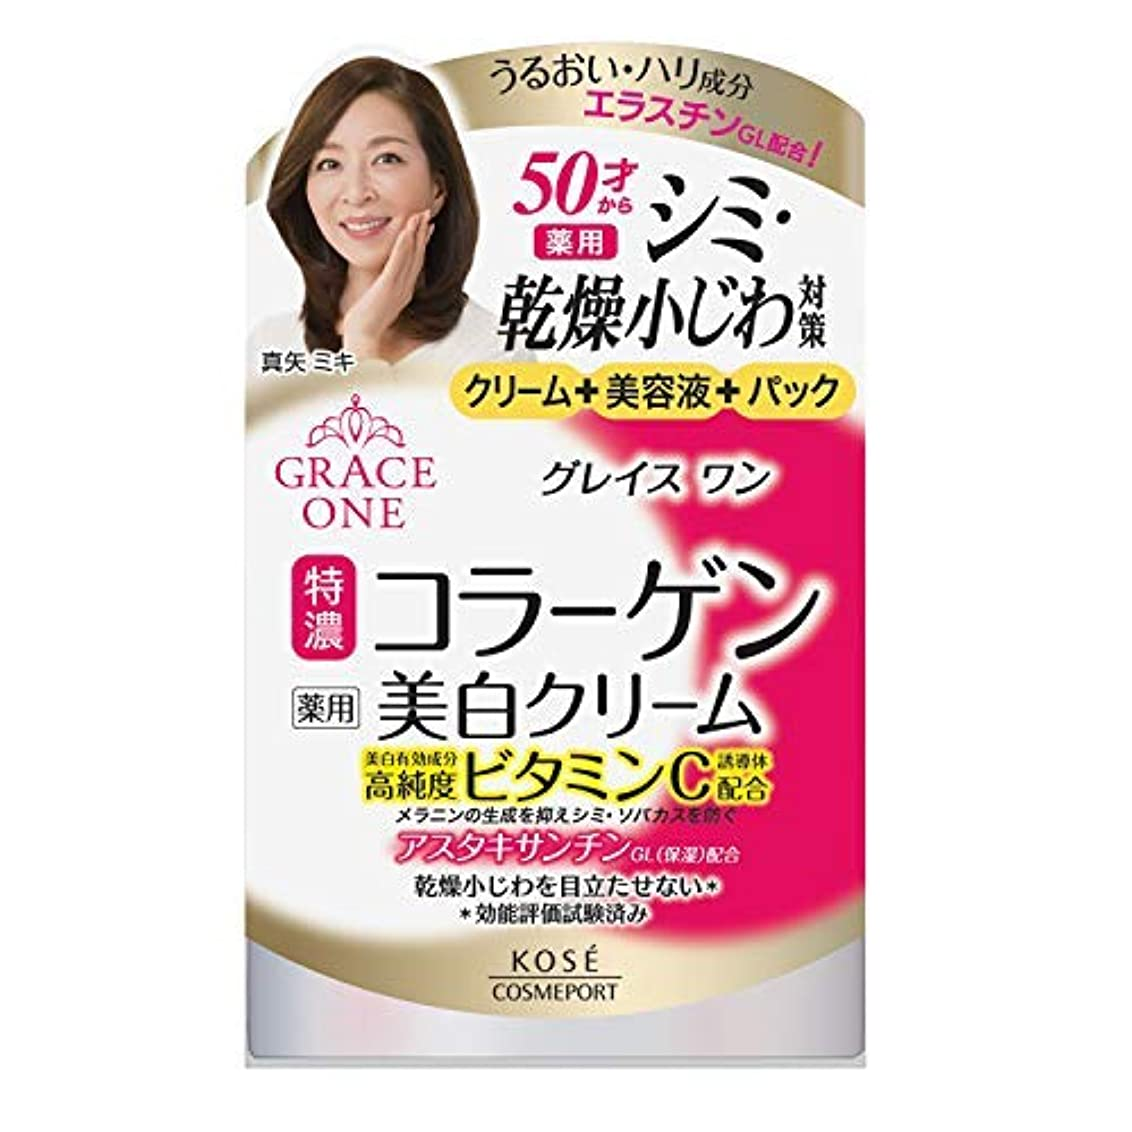 皿控えるアッティカス(医薬部外品) KOSE コーセー グレイスワン 薬用美白 ホワイトニング クリーム 100g